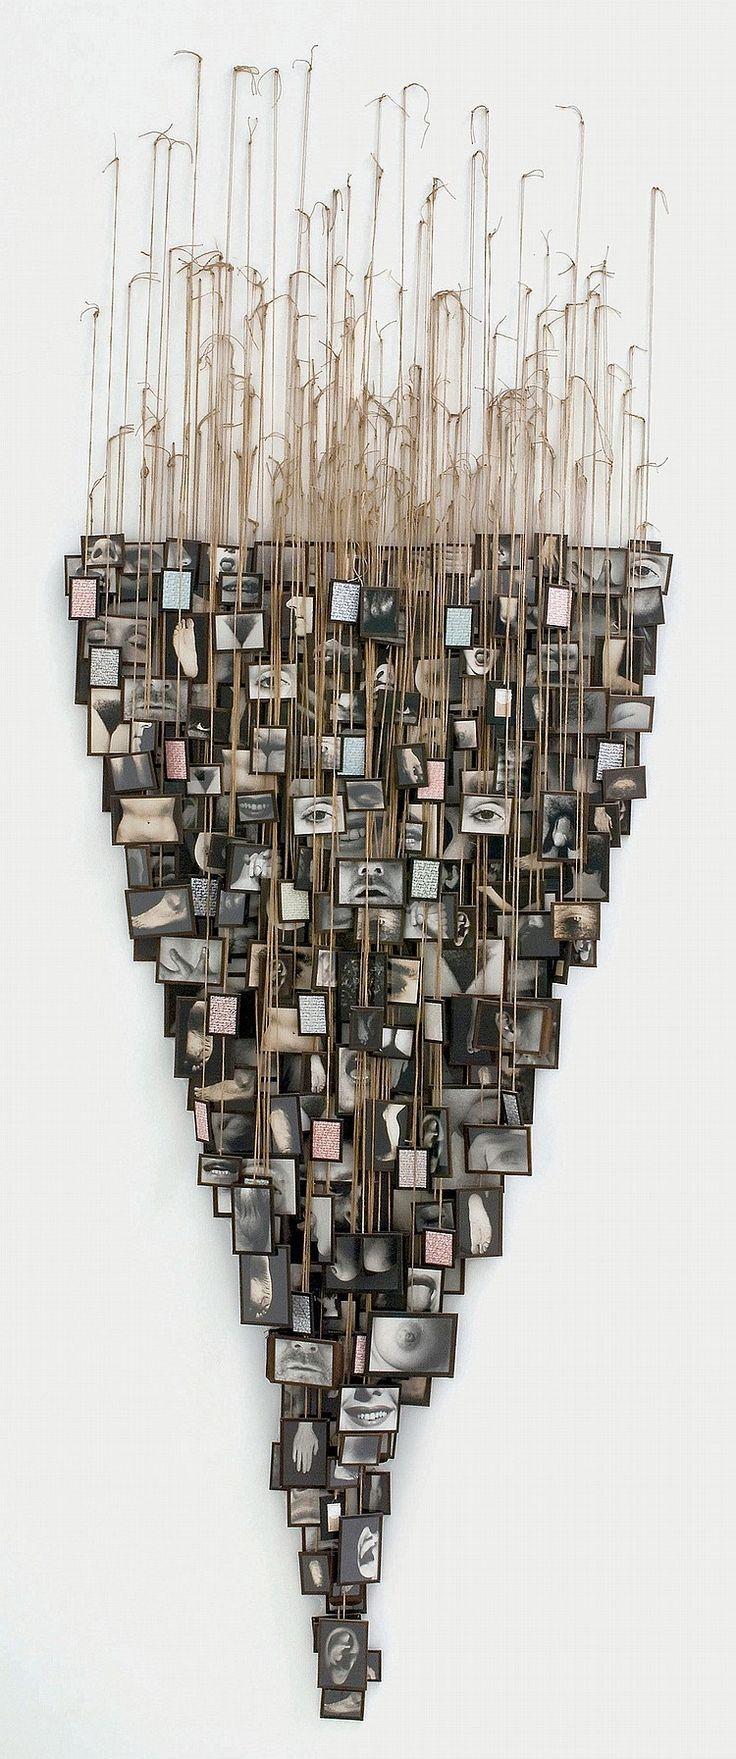 ANNETTE MESSAGER (NEE EN 1943). Mes voeux, crayons de couleurs sur papier, acrylique sur photographies noir et blanc sous verre, ficelles 312 x 114 cm. Réalisé entre 1988 et 1990.